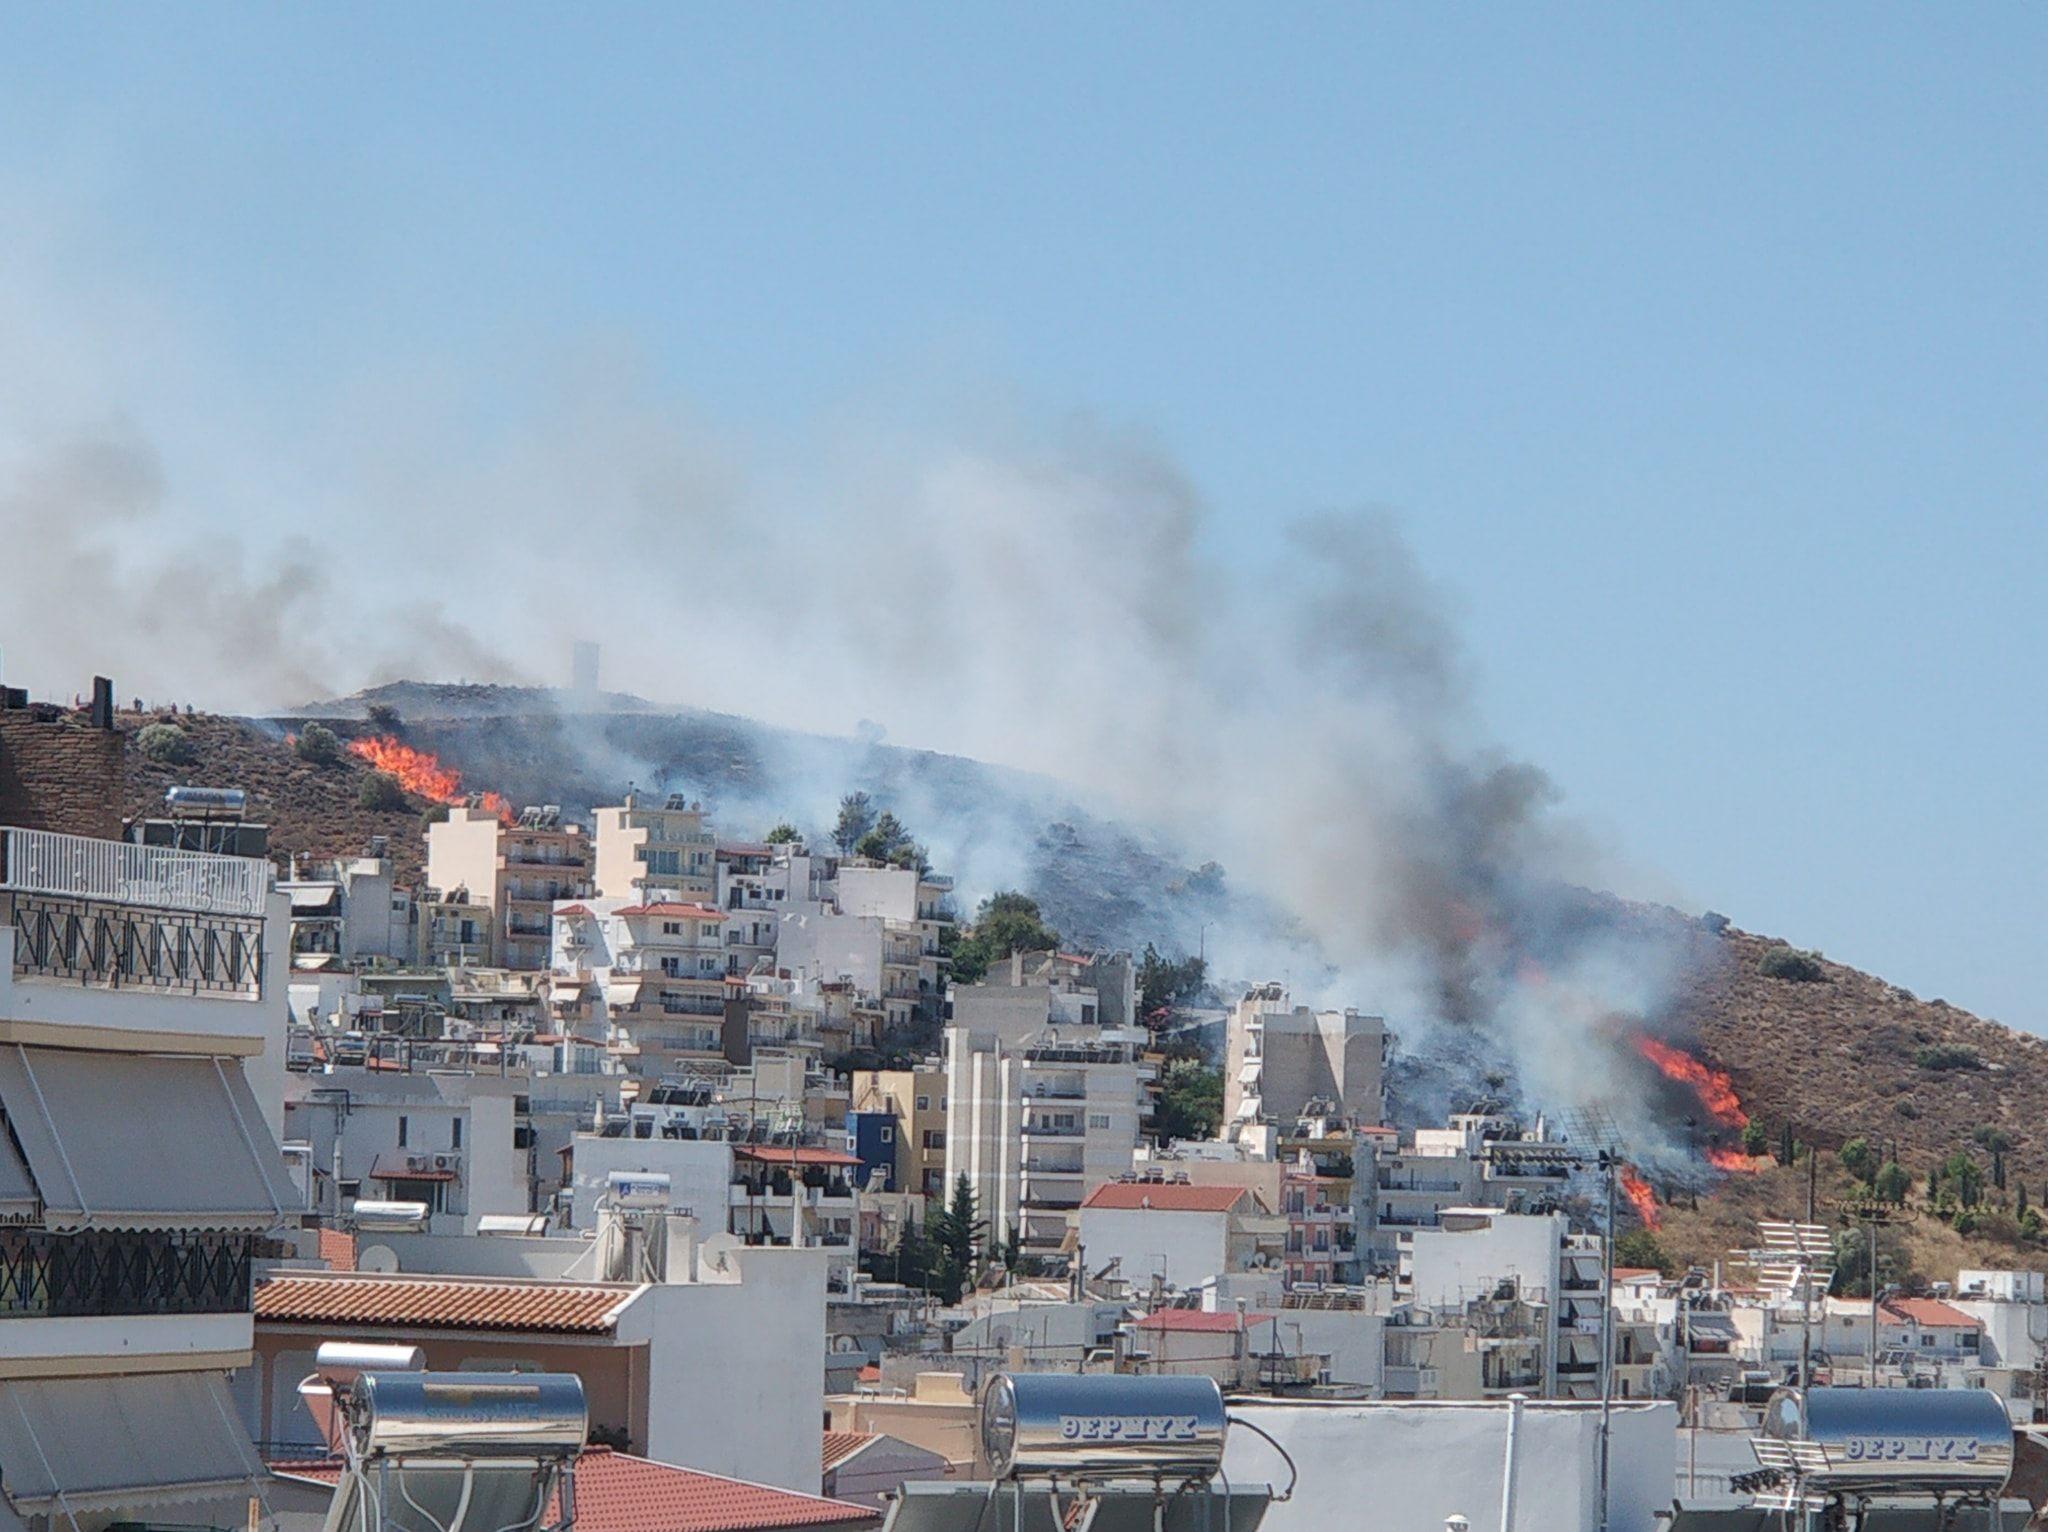 Πυρκαγιά στον Υμηττο / Φωτογραφία: FACEBOOK/VYRONAS.GR